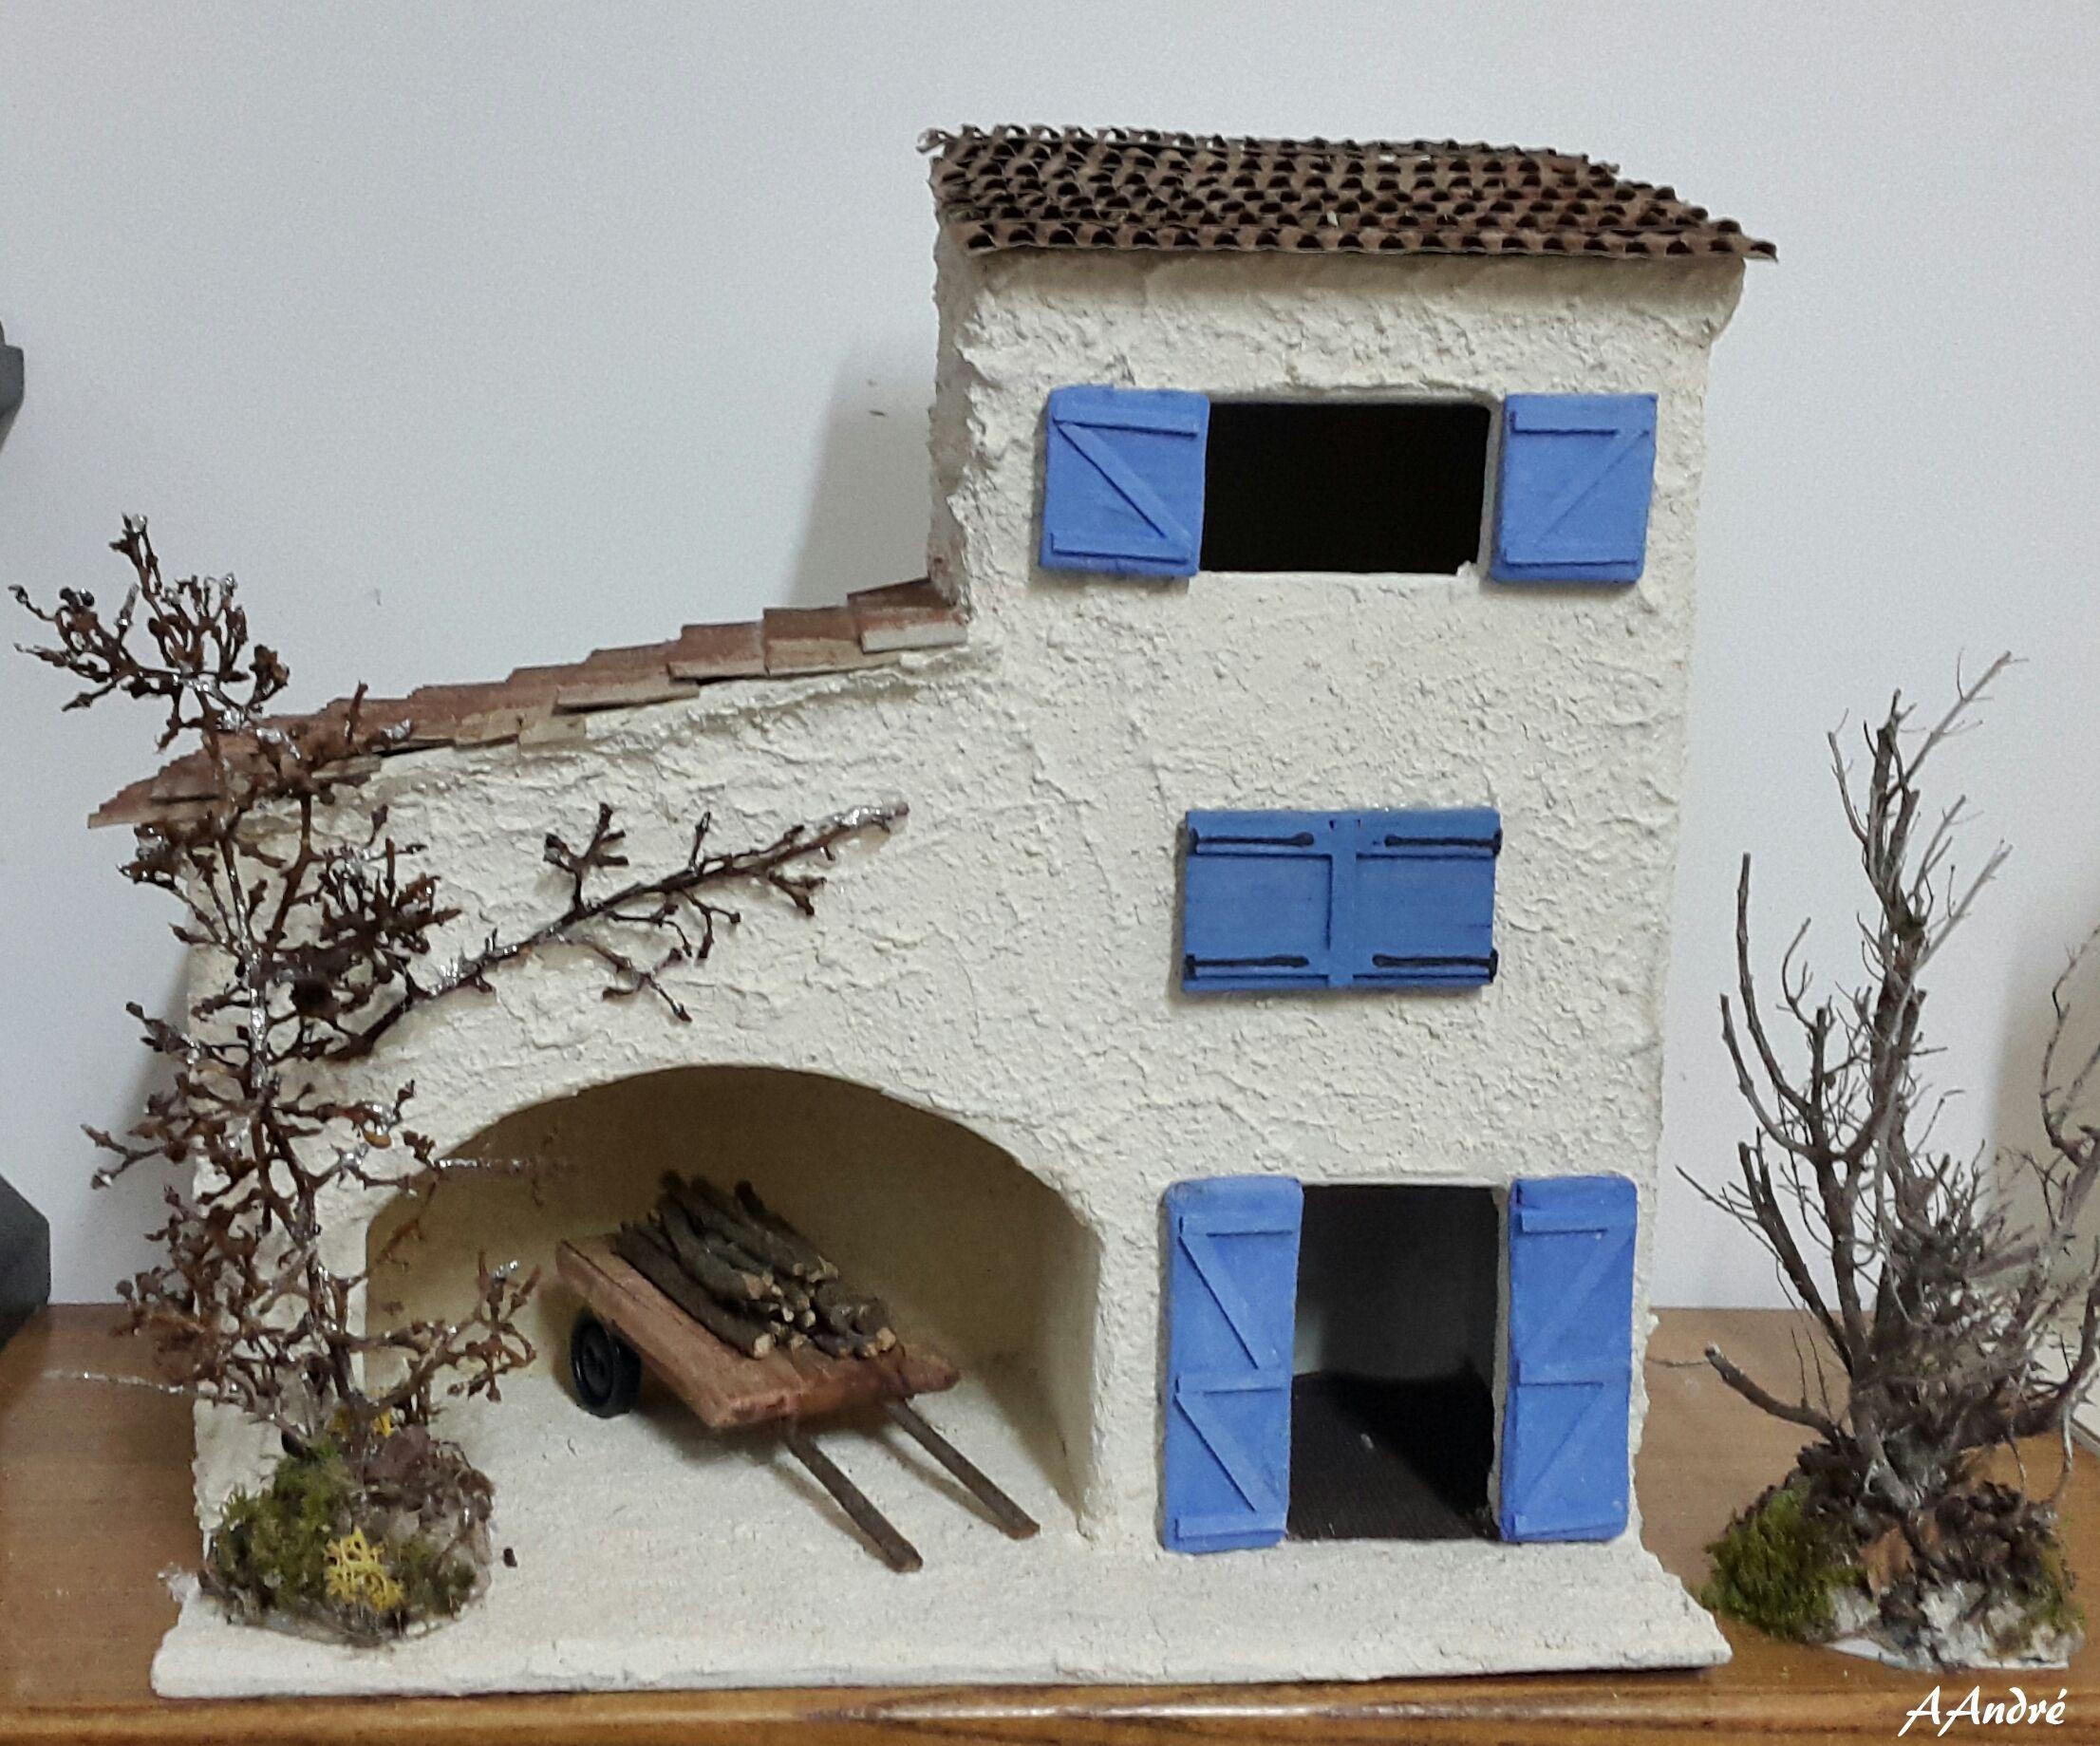 maison de village pour la cr che de no l cartonnage carton ondule pinterest maisons de. Black Bedroom Furniture Sets. Home Design Ideas